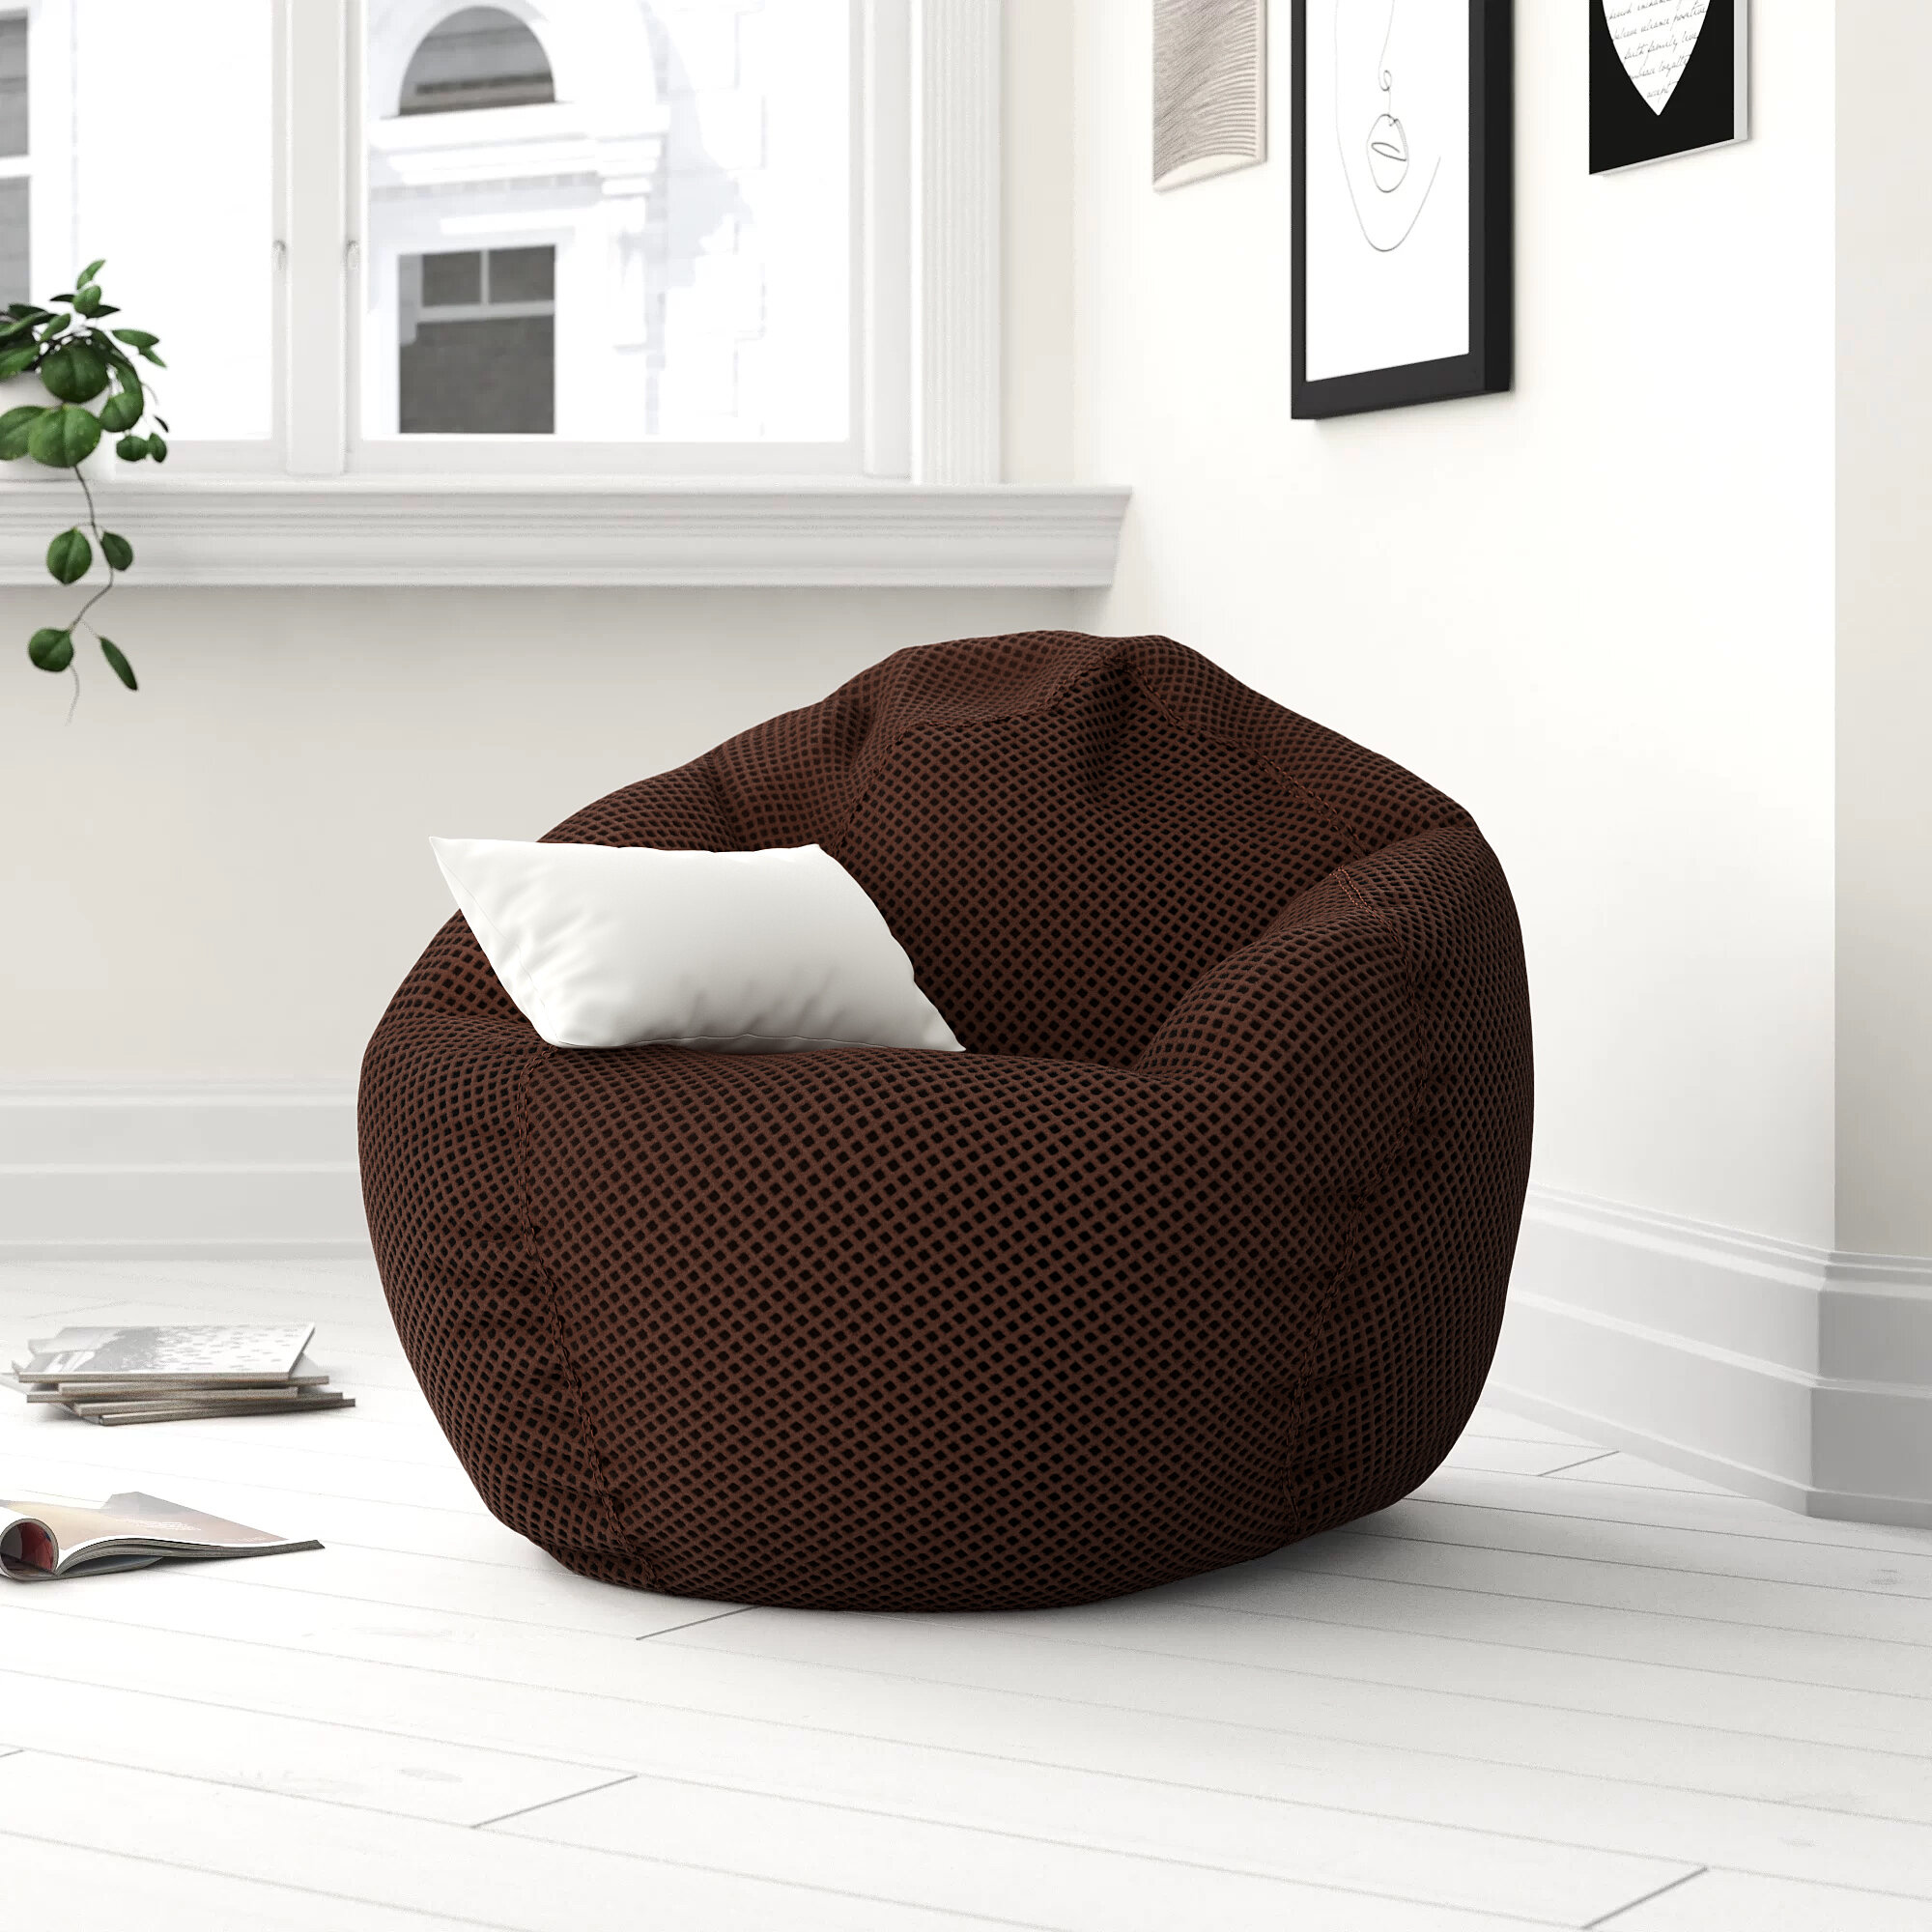 Zipcode Design Standard Bean Bag Chair Lounger Reviews